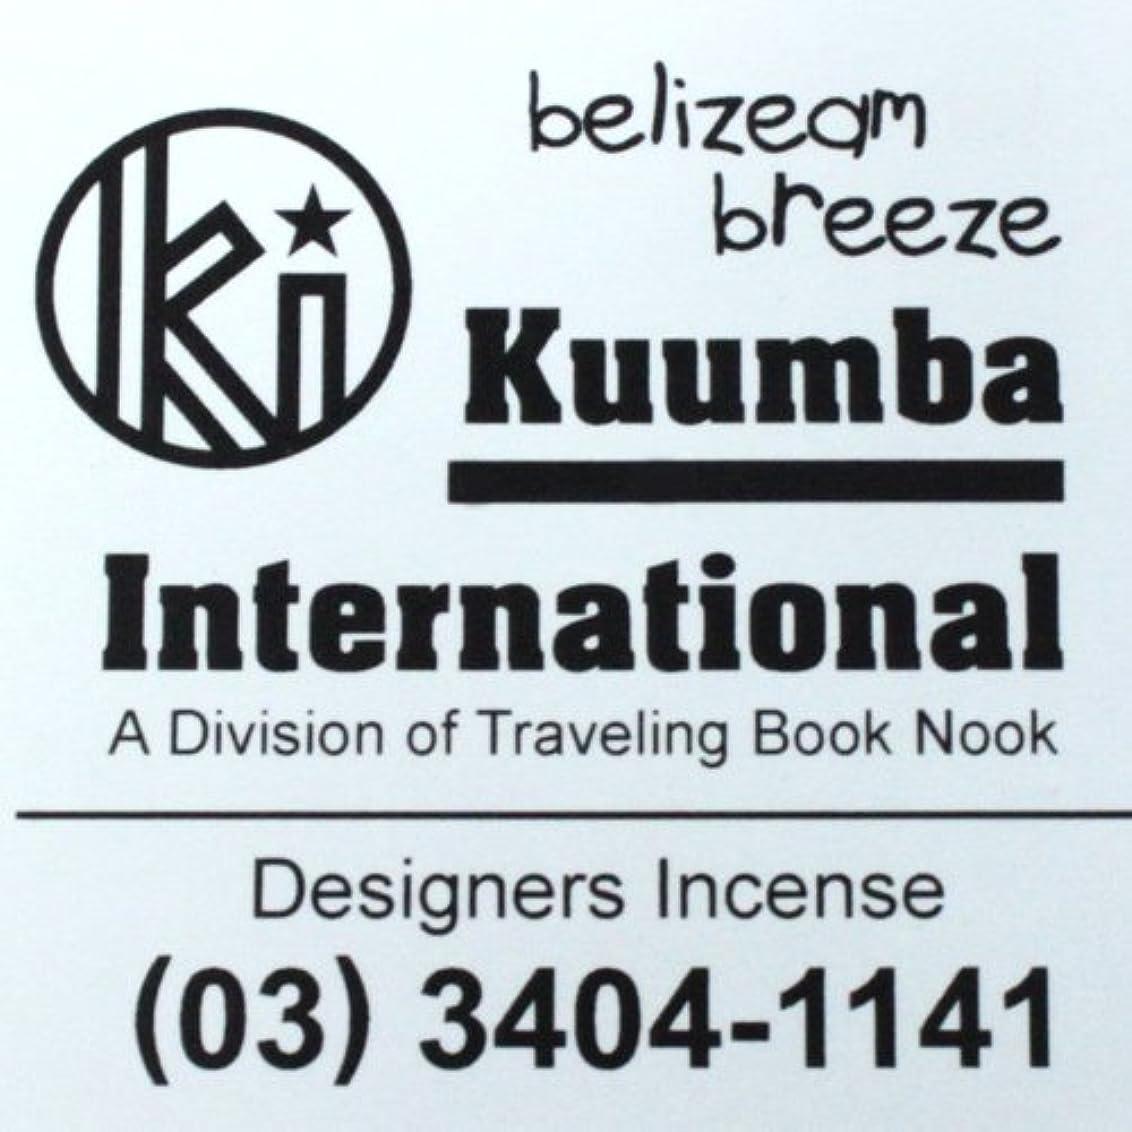 横たわる豚砲兵KUUMBA (クンバ)『incense』(belizeam breeze) (Regular size)